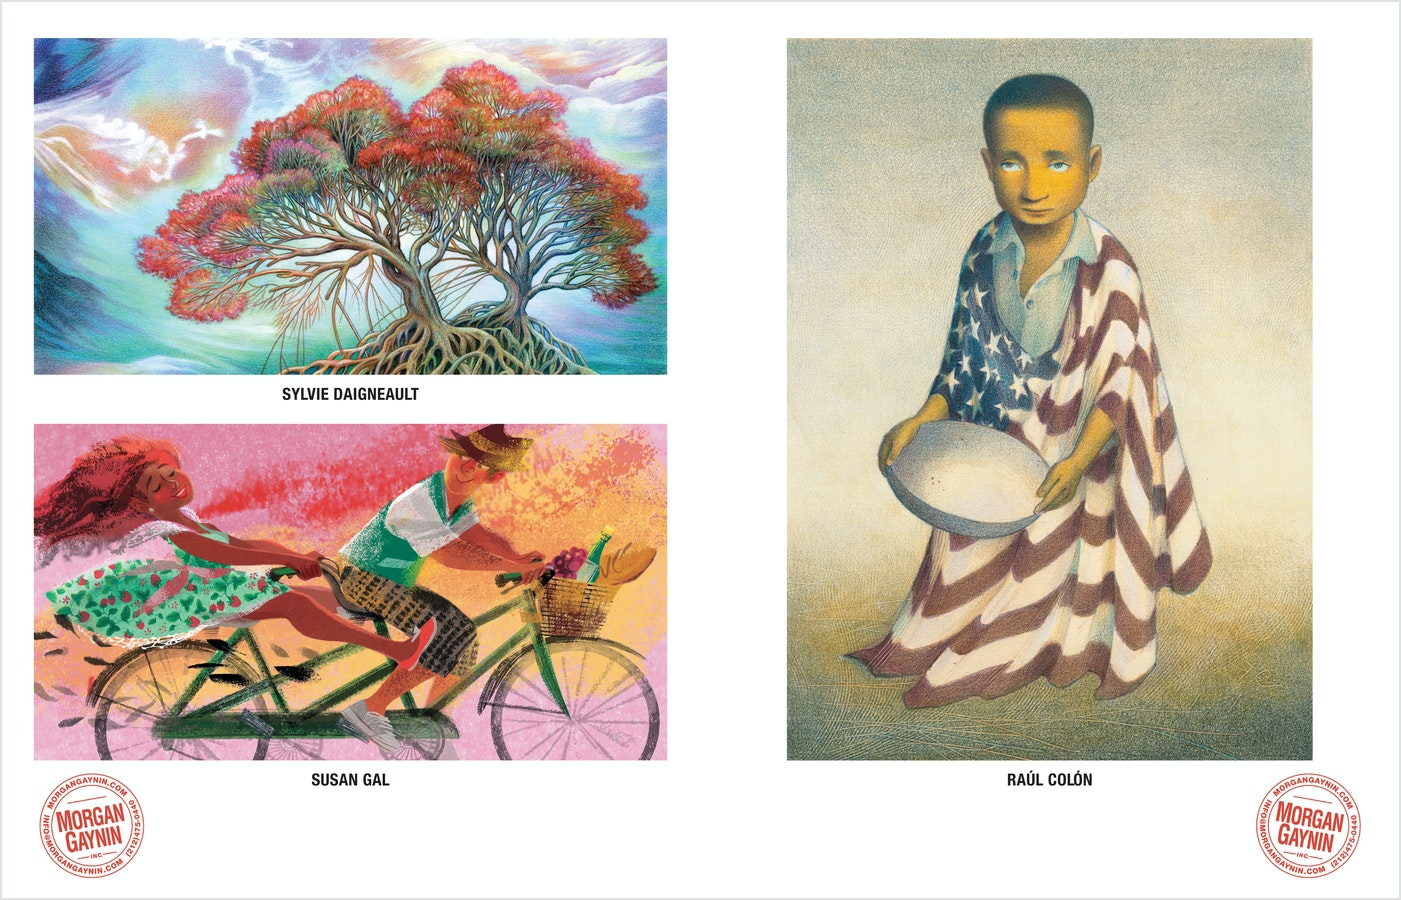 Workbooks workbook com : Workbook Illustration 39 Fall | Page 278-279 | Workbook.com